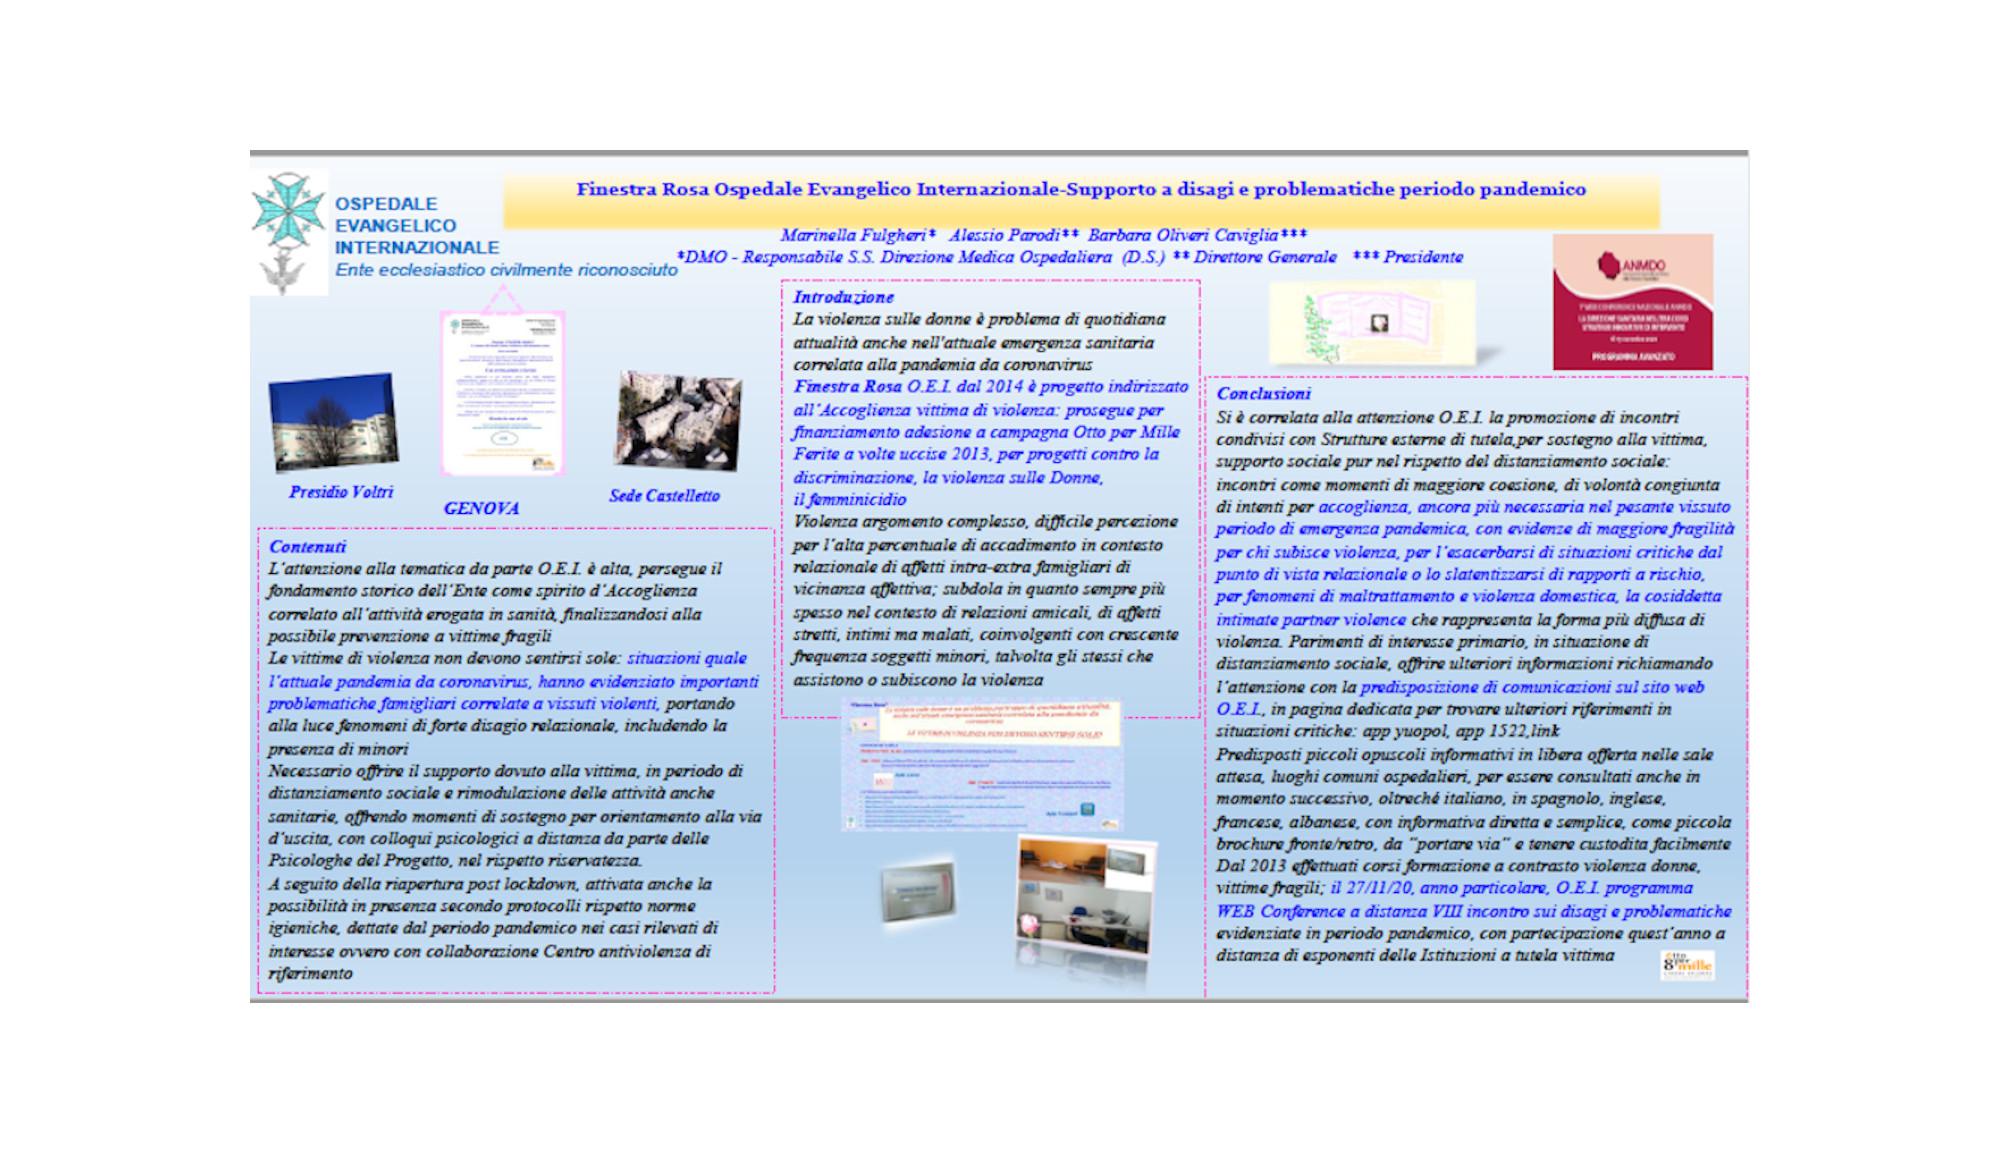 Fulgheri – FINESTRA ROSA OSPEDALE EVANGELICO INTERNAZIONALE – SUPPORTO A DISAGI E PROBLEMATICHE PERIODO PANDEMICO